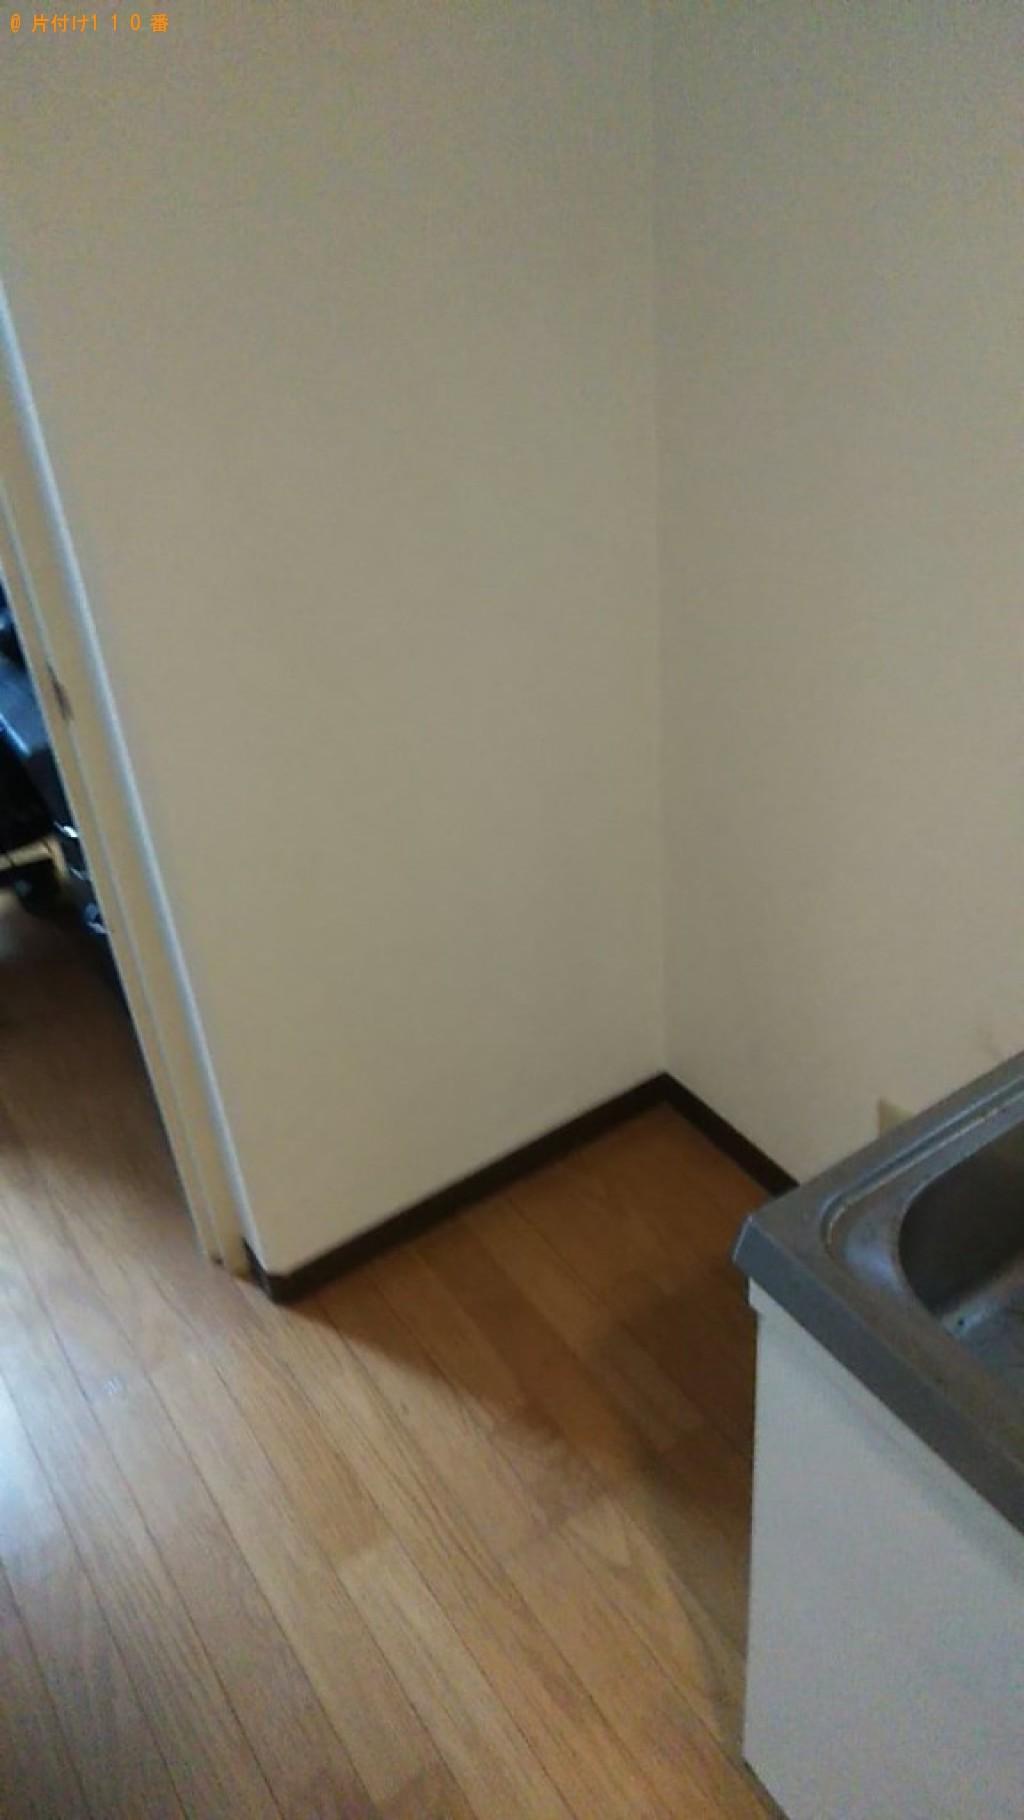 【松山市鷹子町】170L未満冷蔵庫の出張不用品回収・処分ご依頼